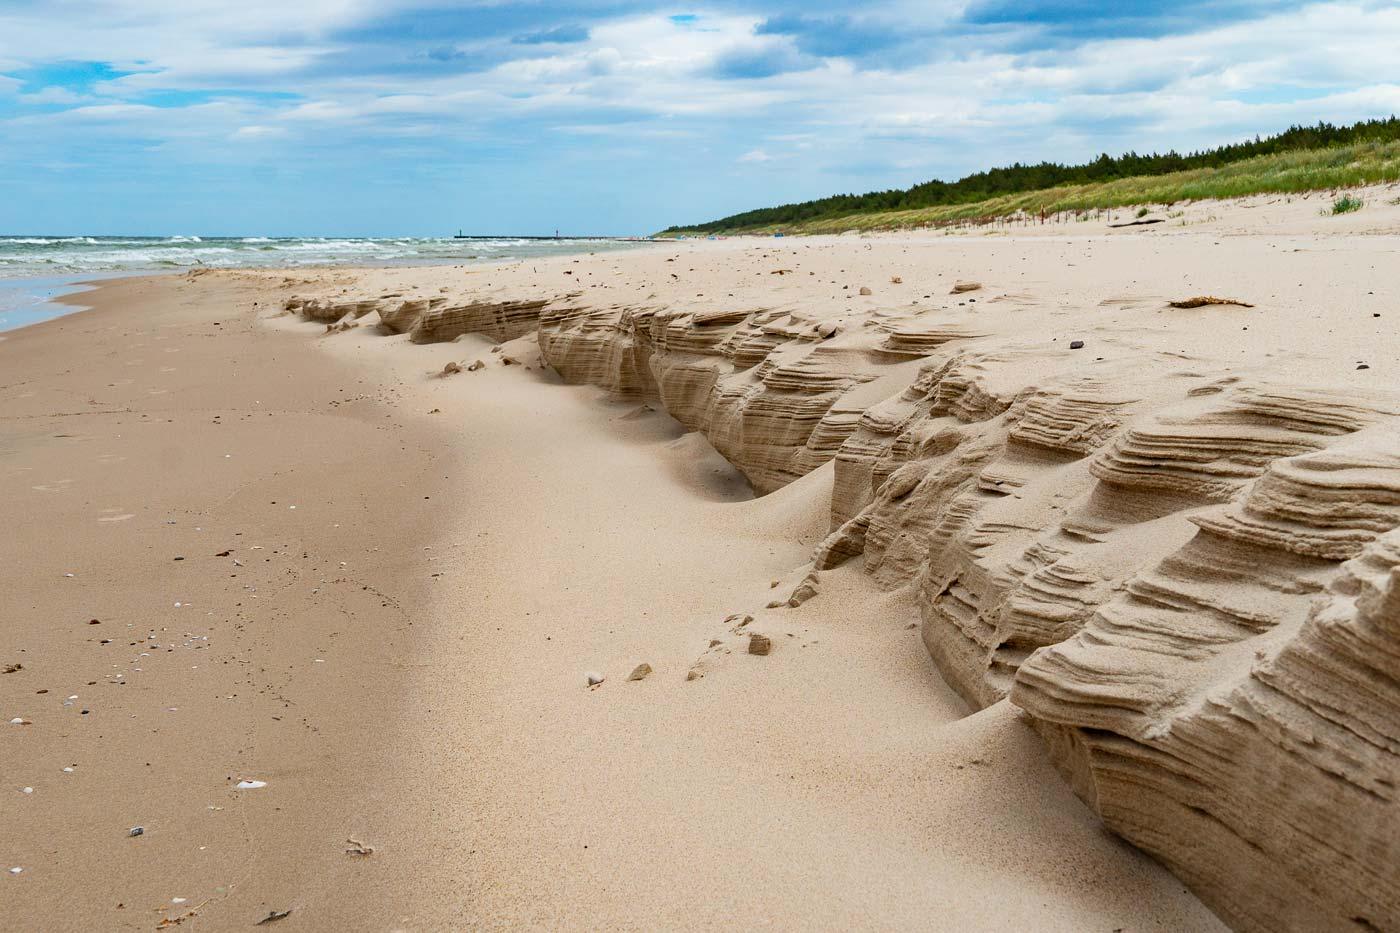 Песчаный пляж, Мржежино, Польша